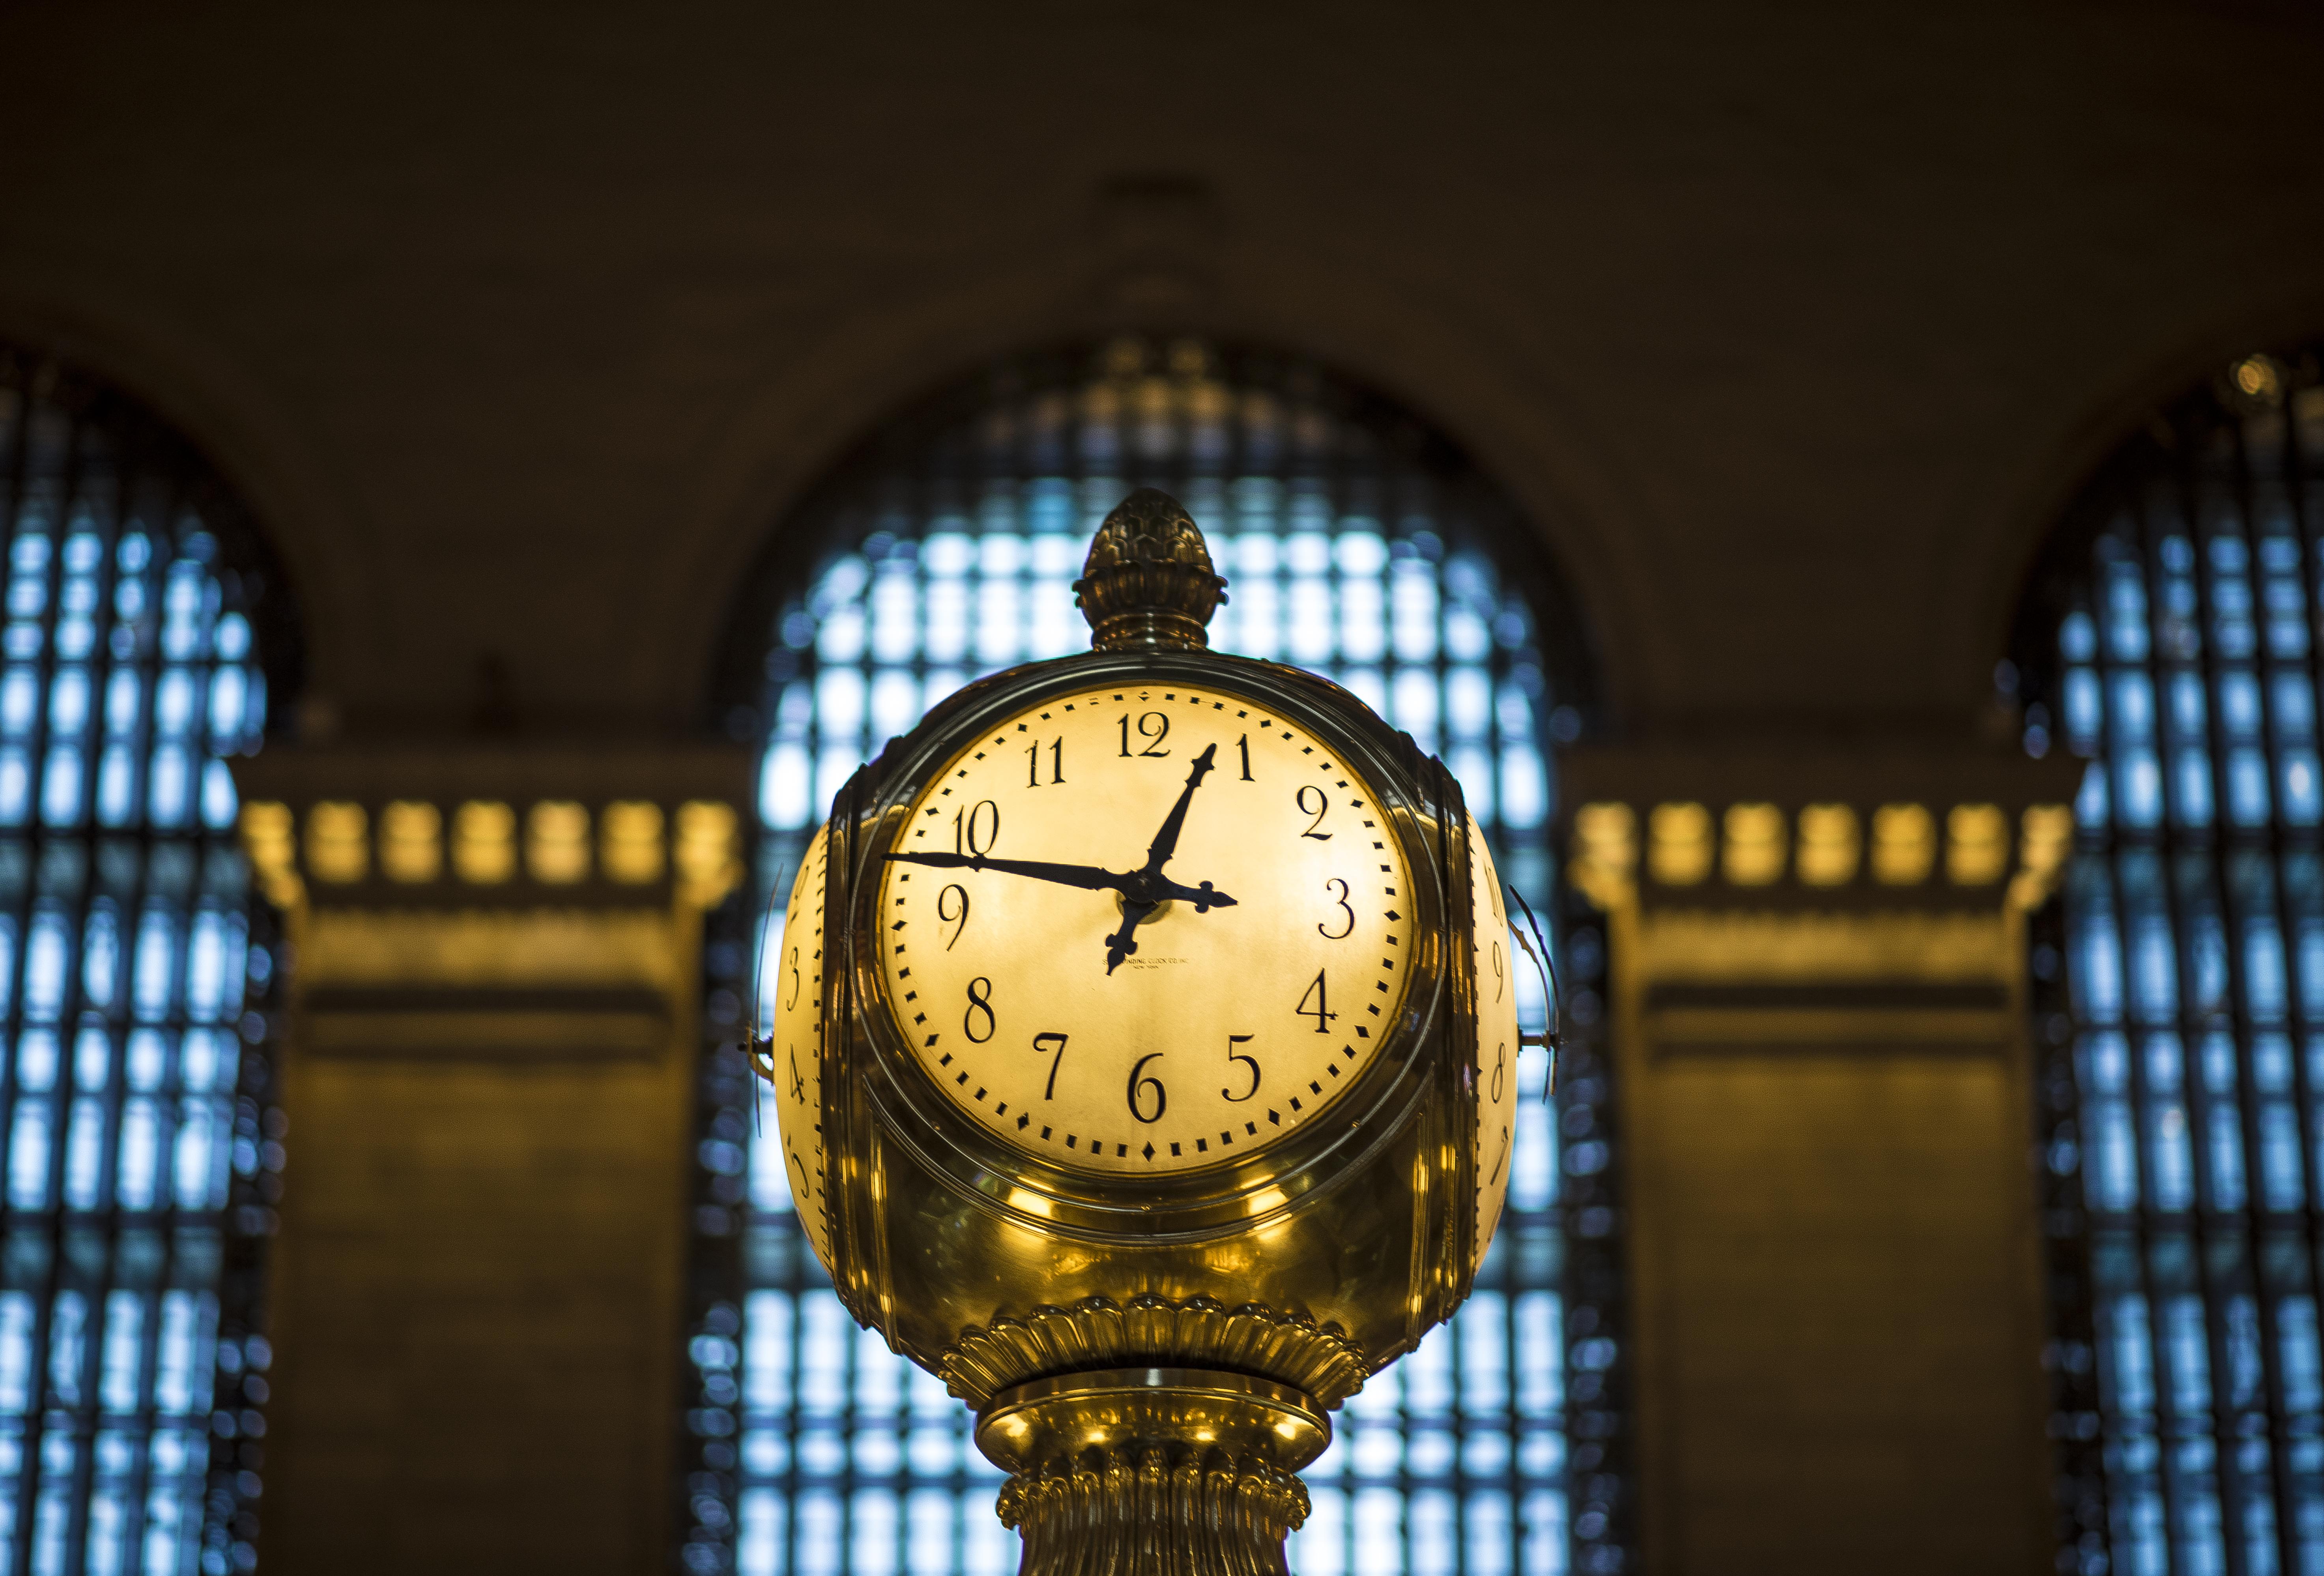 Grand Central Terminal, NYC, NY